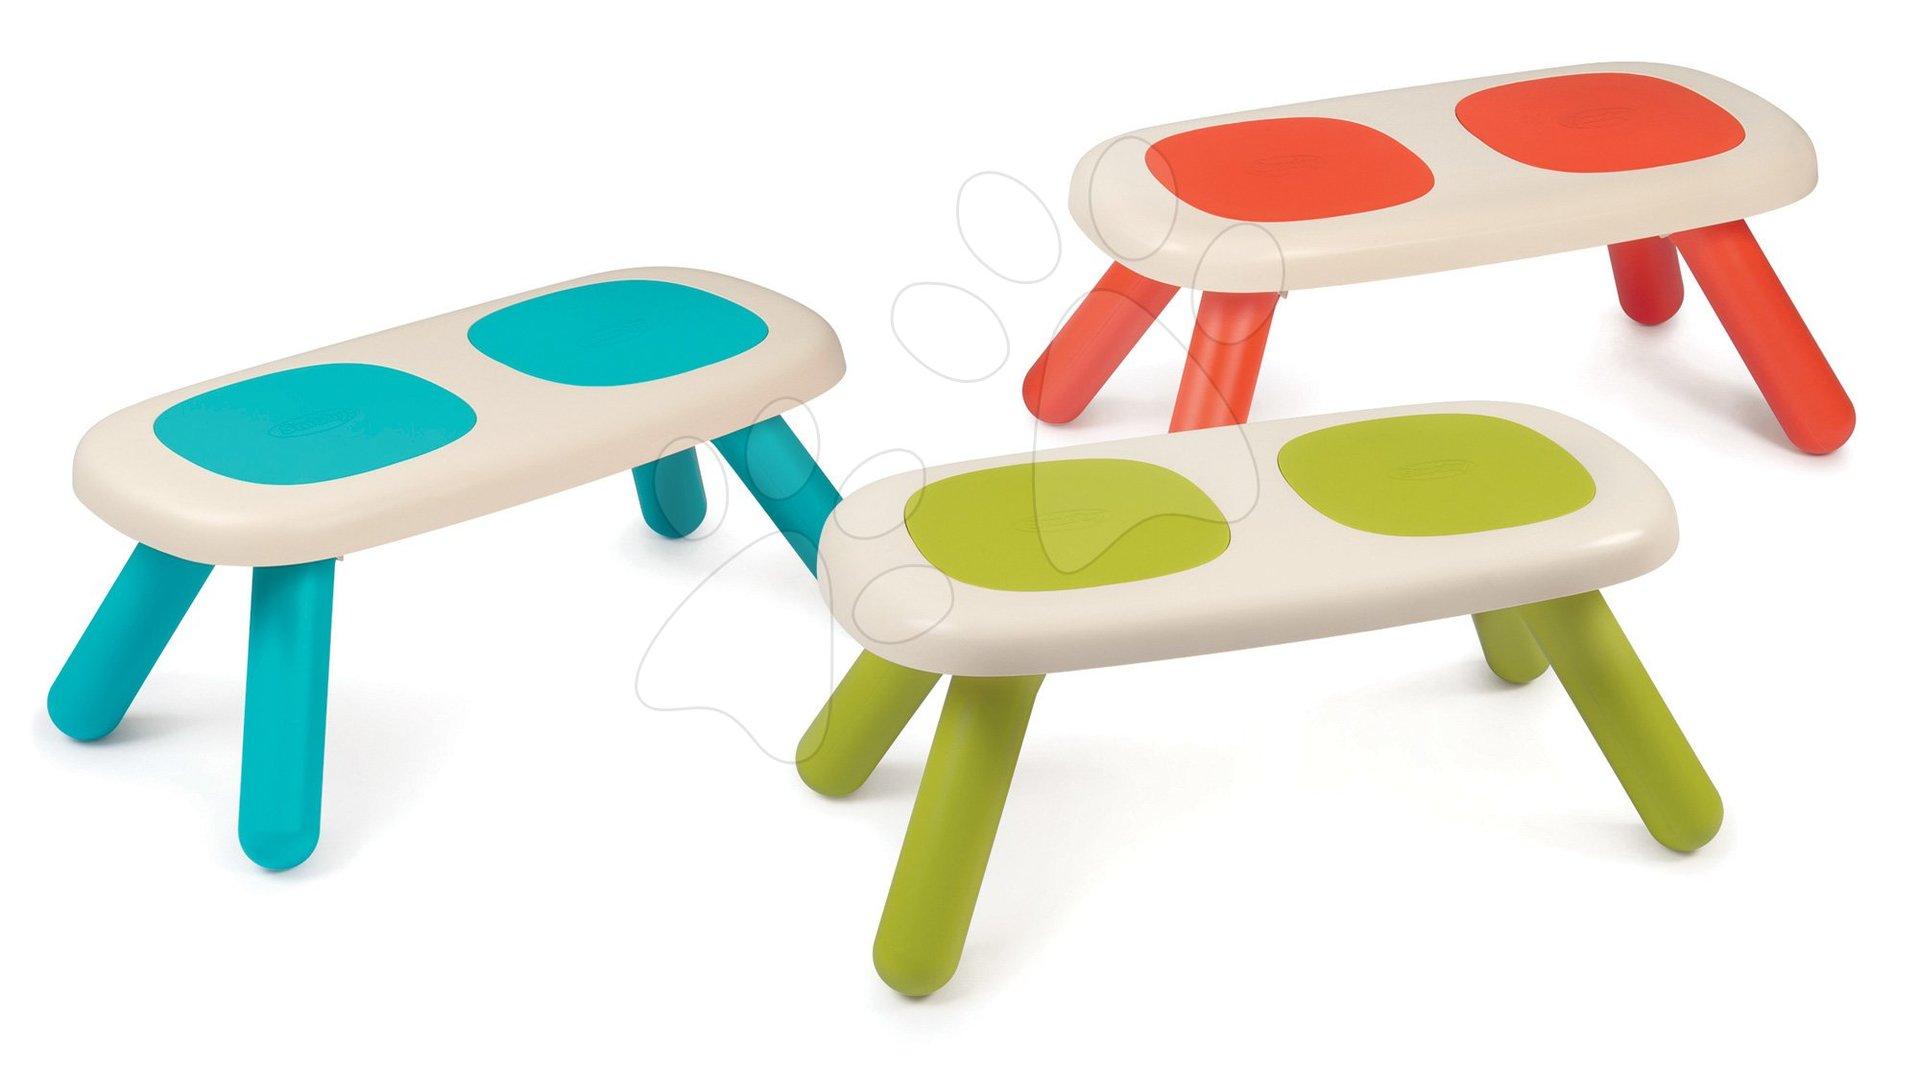 Sada 3 lavíc pre deti KidBench Smoby zelená/modrá/červená s UV filtrom od 18 mesiacov